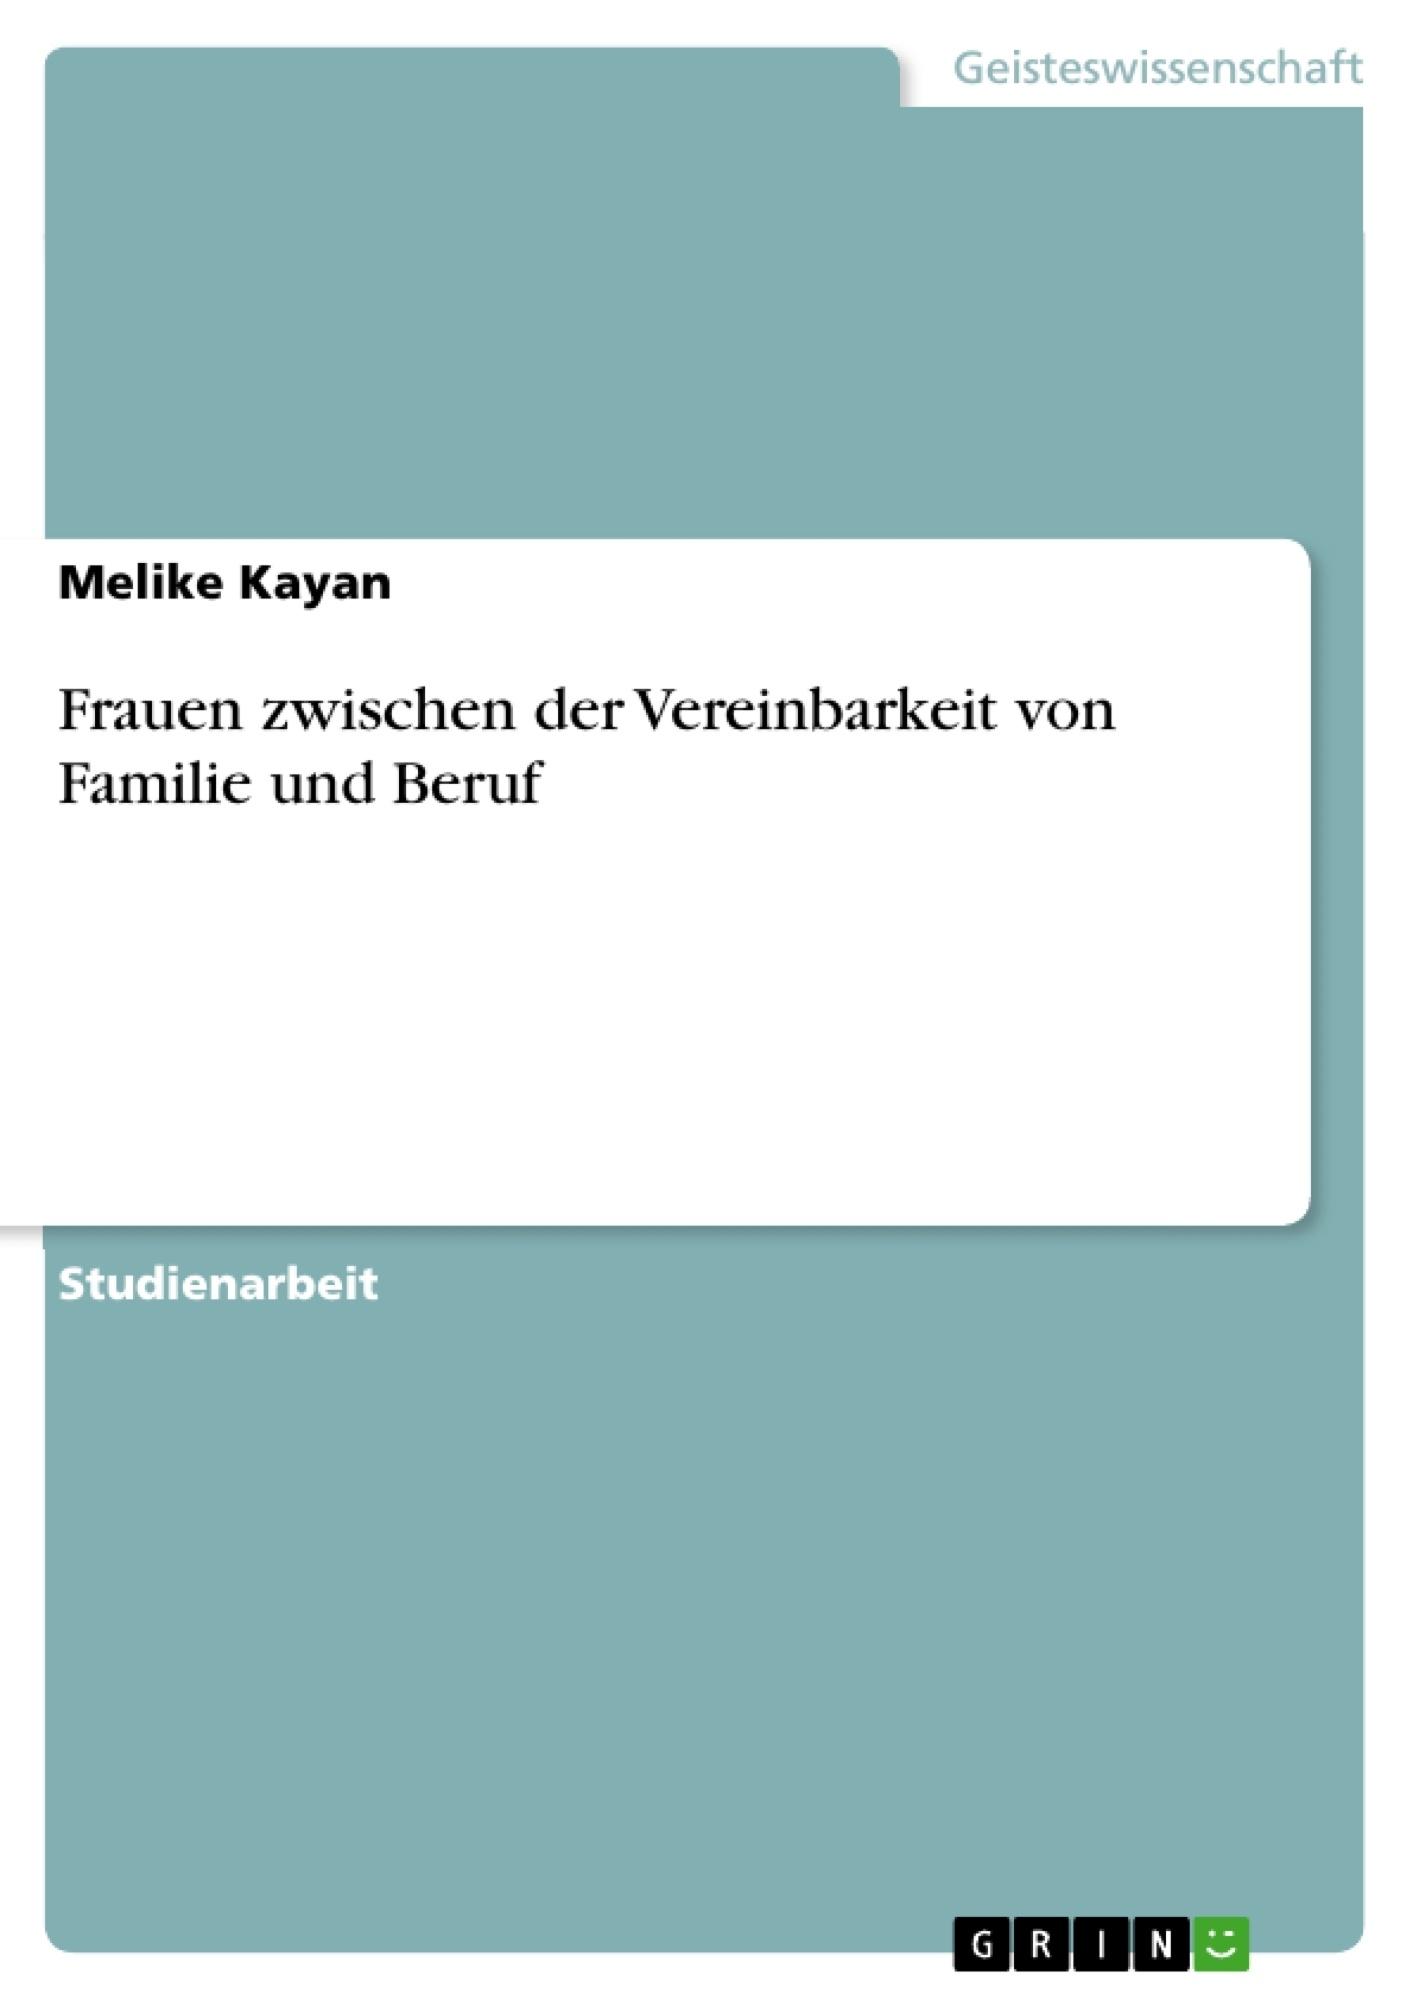 Titel: Frauen zwischen der Vereinbarkeit von Familie und Beruf